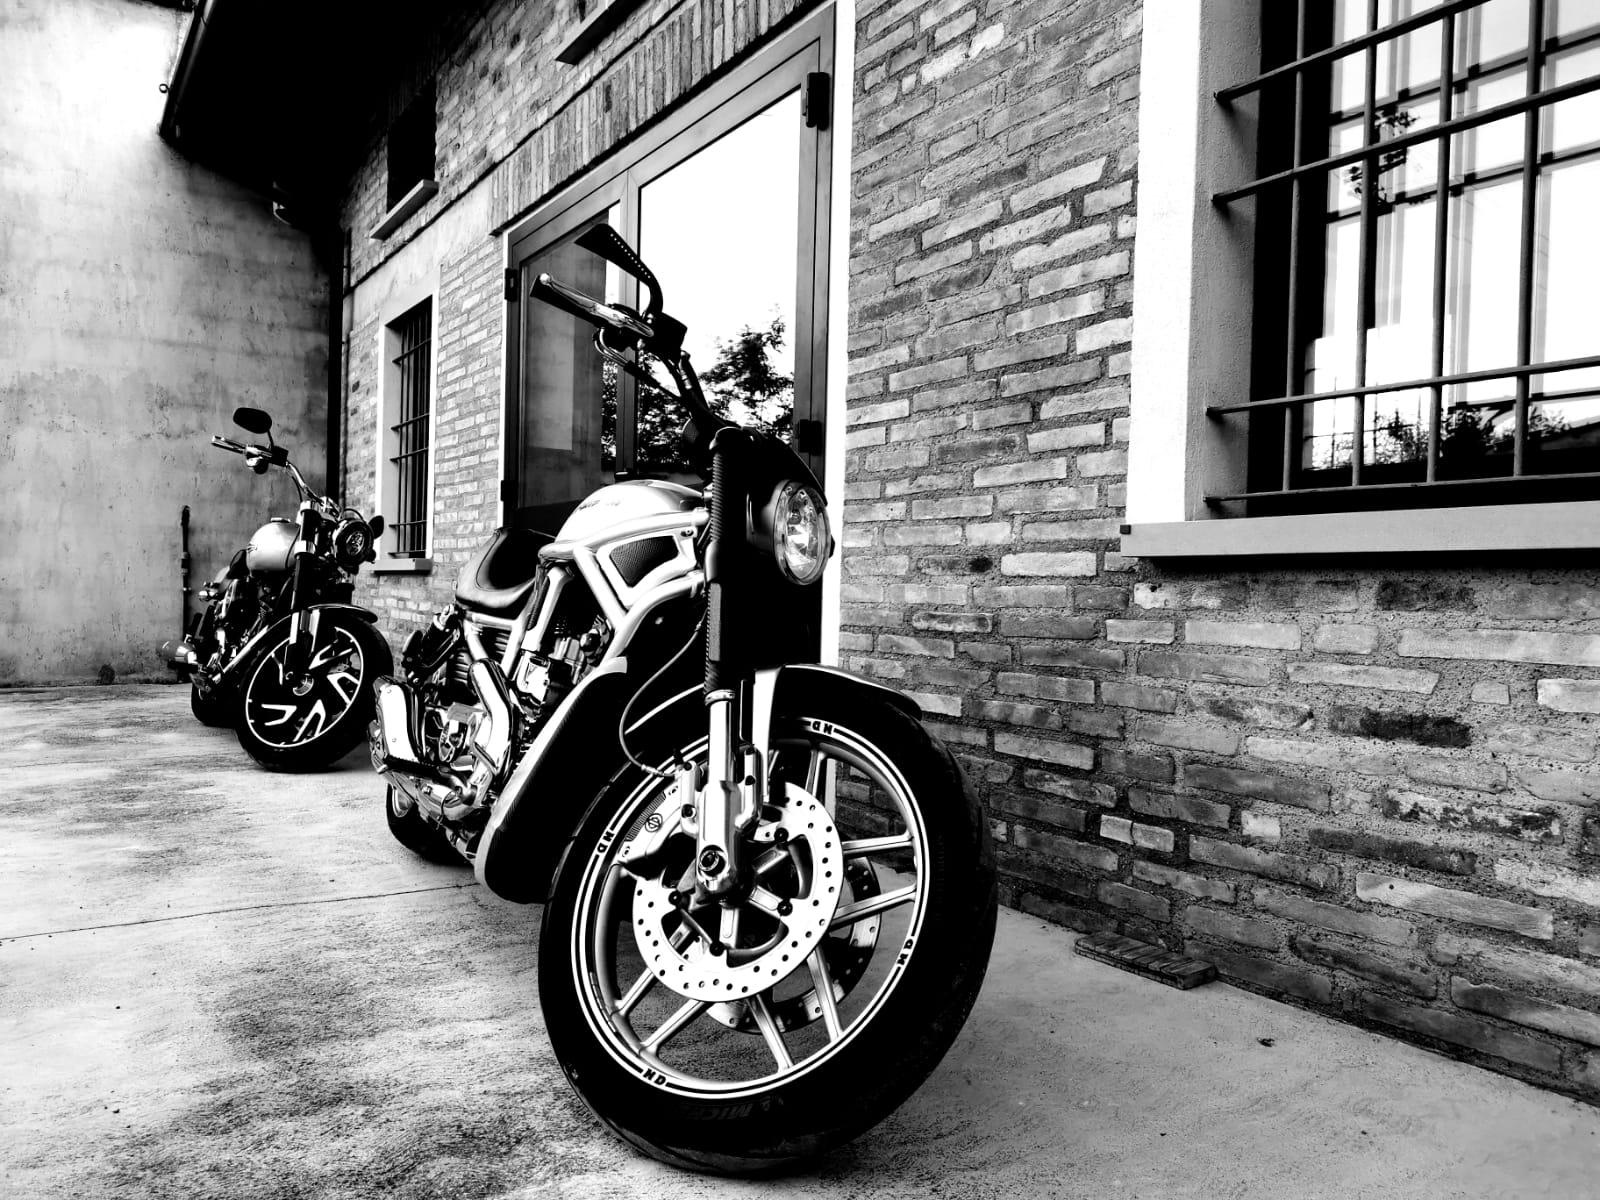 MOTORCYCLES GARAGE ASSISTENZA HARLEY DAVIDSON BRESCIA, CREMONA, MANTOVA, PARMA